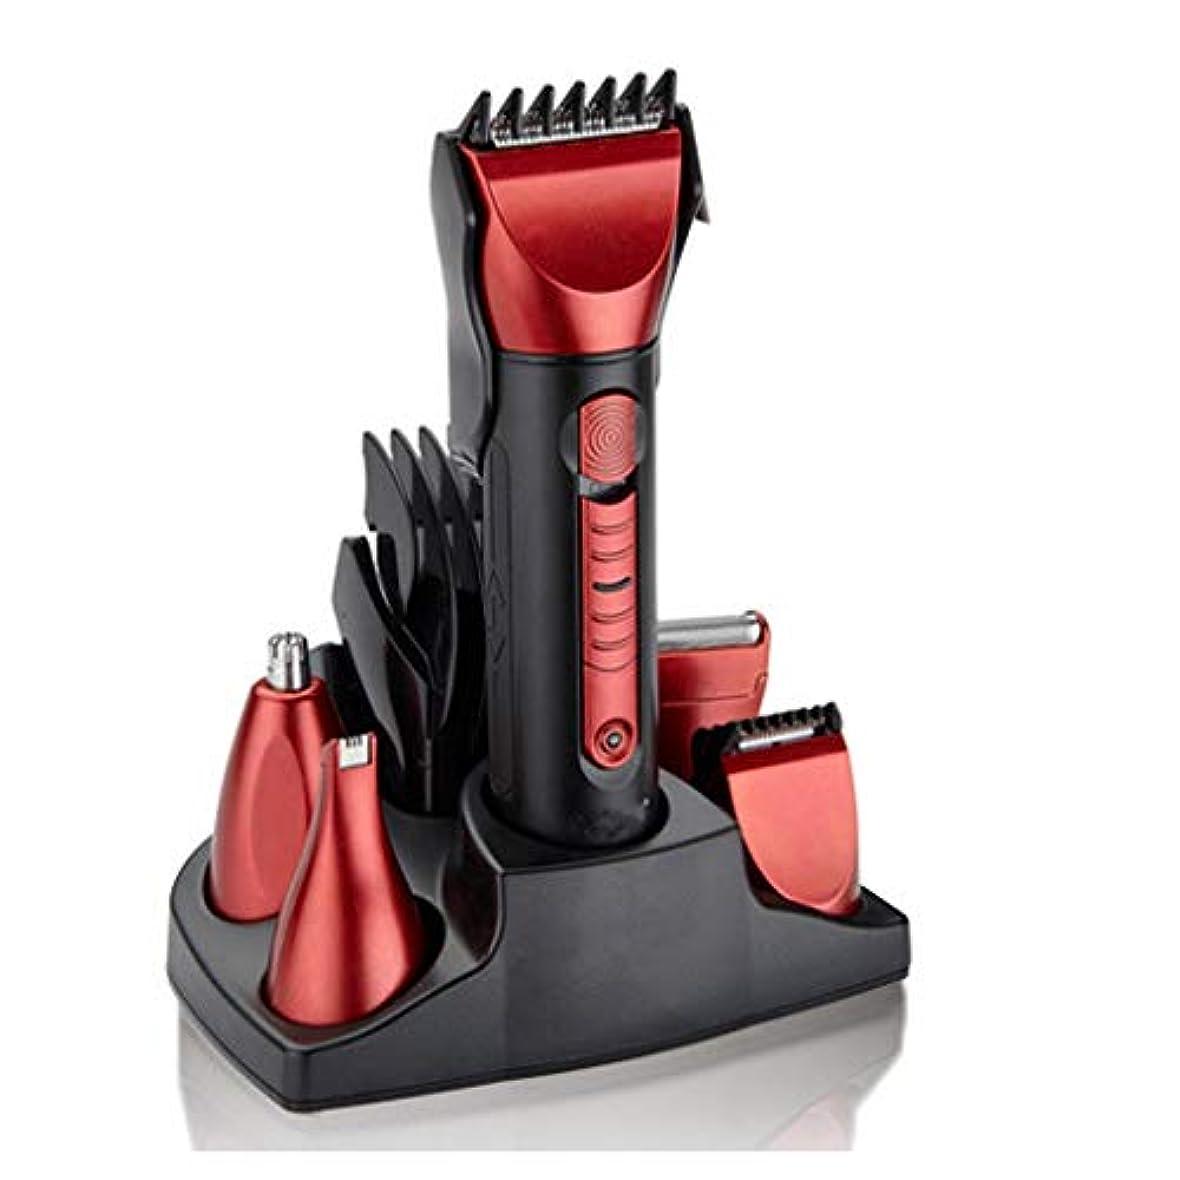 反乱入り口バーガー電動トリマーセット/メンズバリカン/かみそり/鼻毛トリム、コードレス充電、多機能ファイブインワン